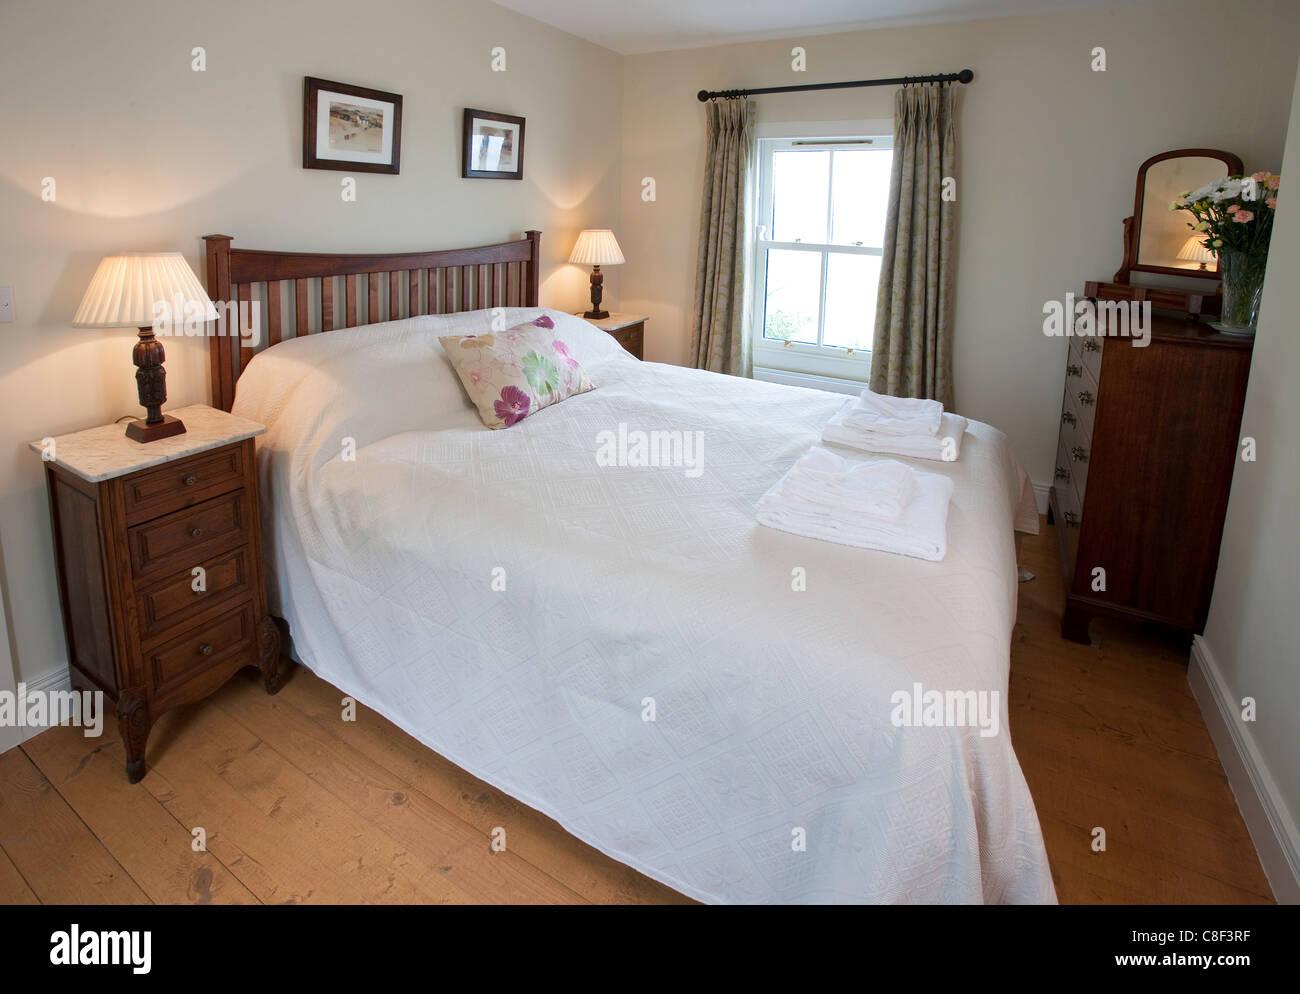 Interieur Foto aus einem Schlafzimmer in einem irischen cottage Stockbild